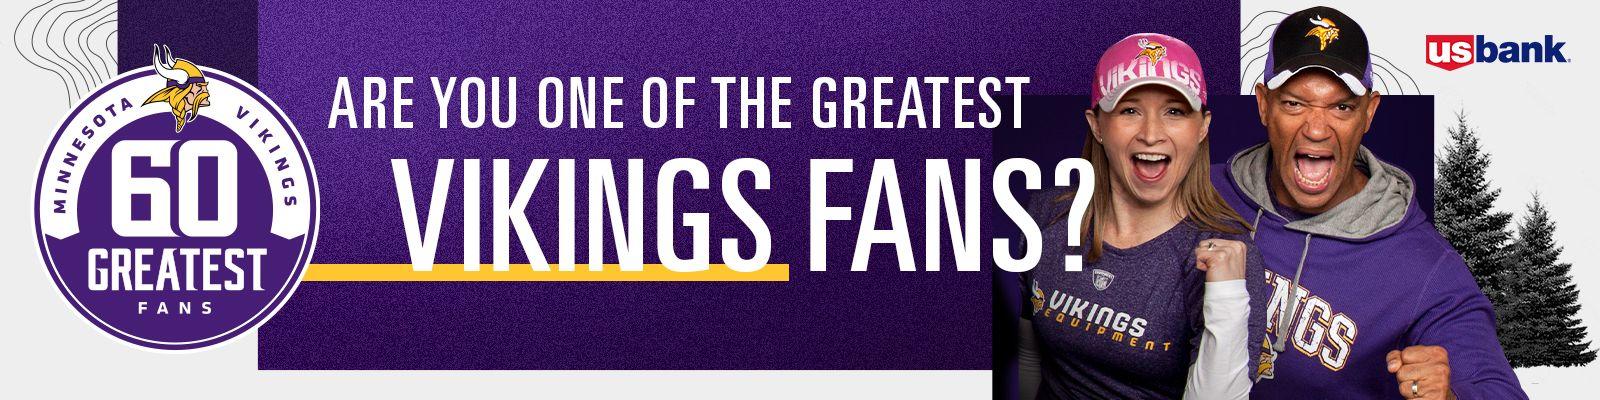 60 Greatest Vikings Fans